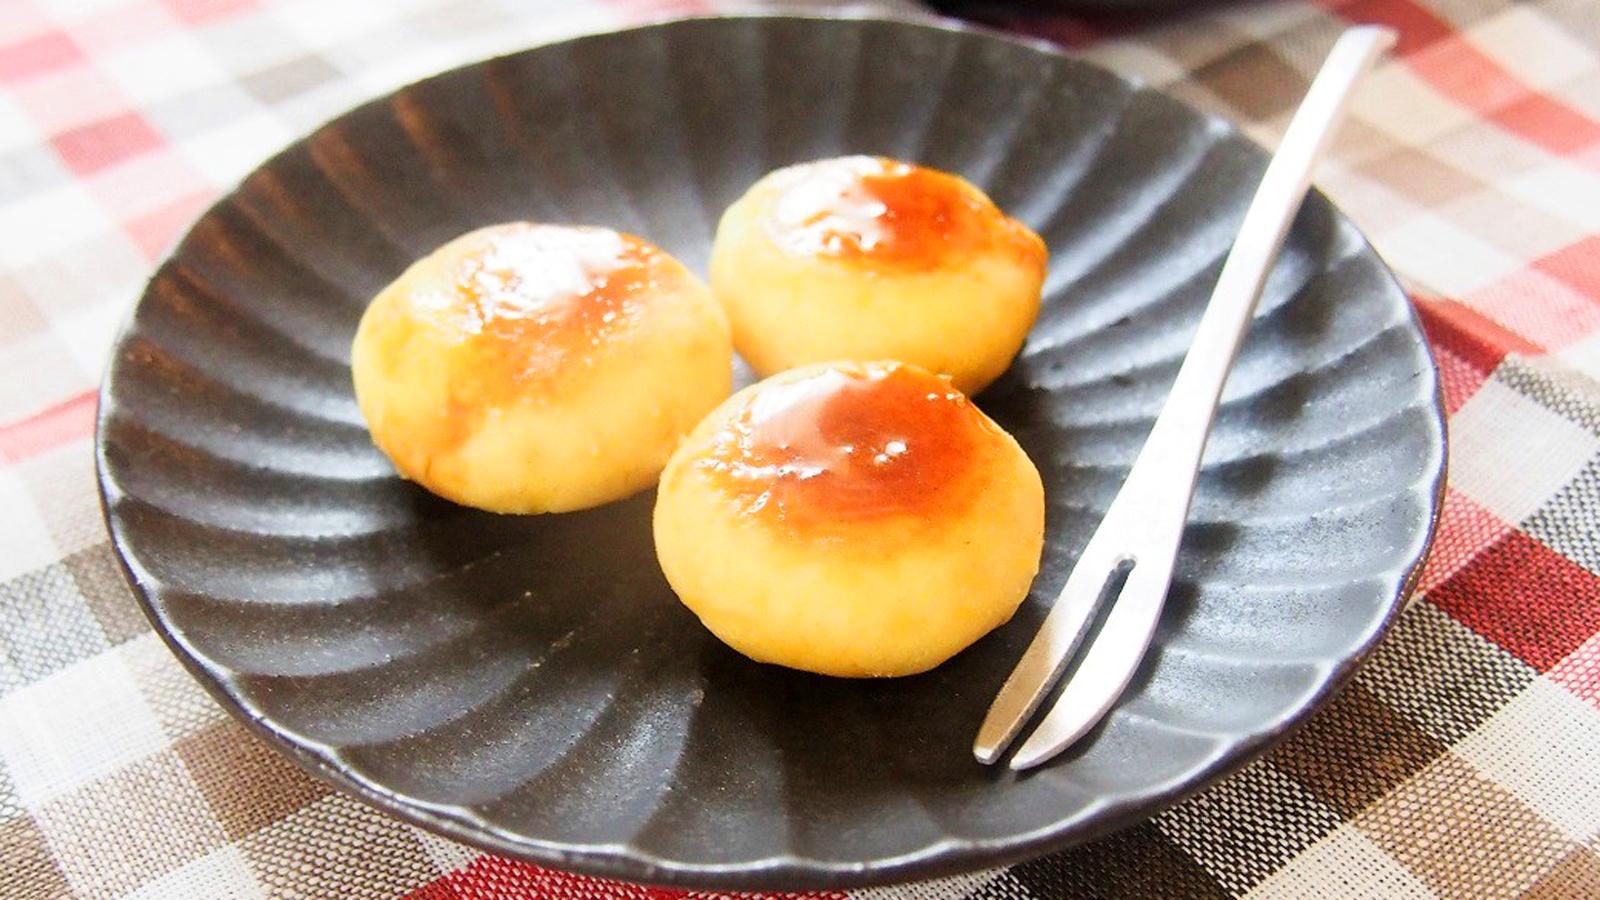 自家製みたらしだれをかけた、ほんのり甘い「サツマイモもち」が絶品!離乳食にも